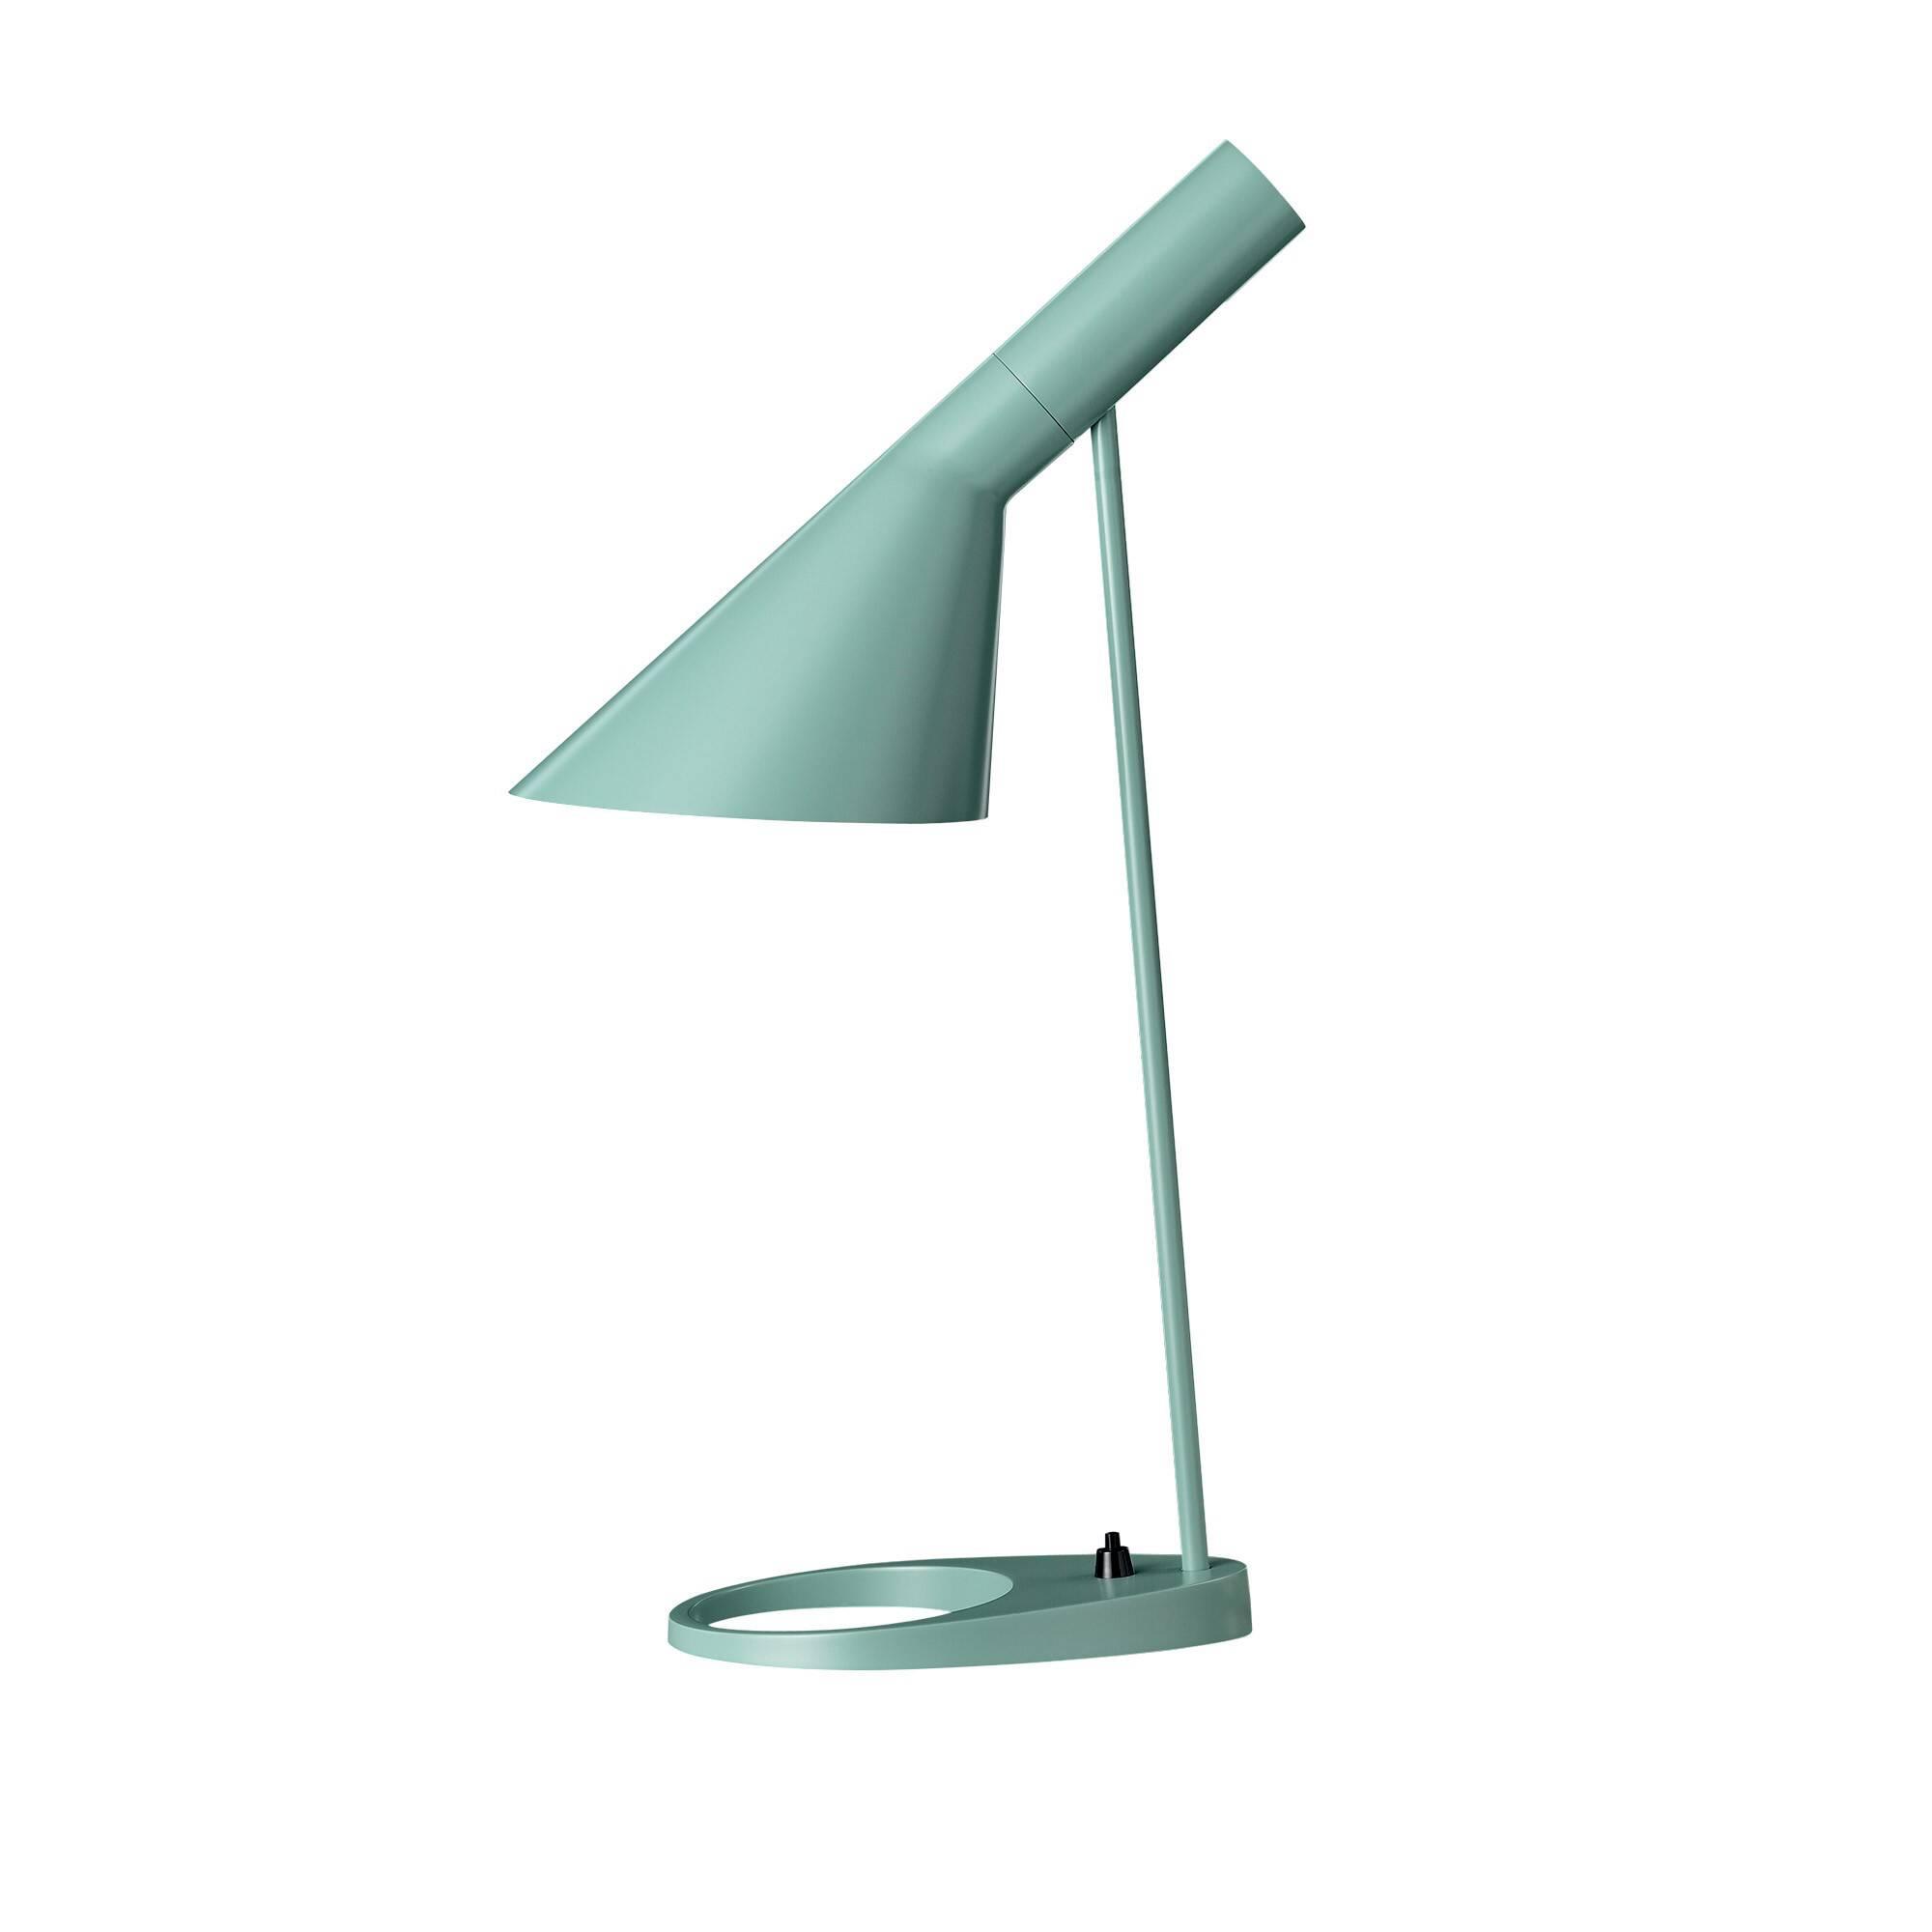 Настольный светильник AJ EBНастольные<br>Датский архитектор французского происхождения Арне Якобсен в процессе проектирования копенгагенского отеля Radisson SAS Royal в 1957 году разработал простой и невероятно изысканный стиль Visor. Прямые линии, смелые образы и неожиданные формы — все это Арне вкладывал в свой проект, не пропуская никаких мелких деталей, включая внешний вид столовых приборов отеля. В этом же стиле Visor представлен настольный светильник AJ EB.<br><br><br> Для его изготовления применены новейшие технологии обработк...<br><br>stock: 0<br>Высота: 56<br>Диаметр: 16<br>Длина: 21,5<br>Количество ламп: 1<br>Материал абажура: Металл<br>Материал арматуры: Металл<br>Мощность лампы: 60<br>Ламп в комплекте: Нет<br>Тип лампы/цоколь: E27<br>Цвет абажура: Бирюзовый<br>Цвет арматуры: Бирюзовый